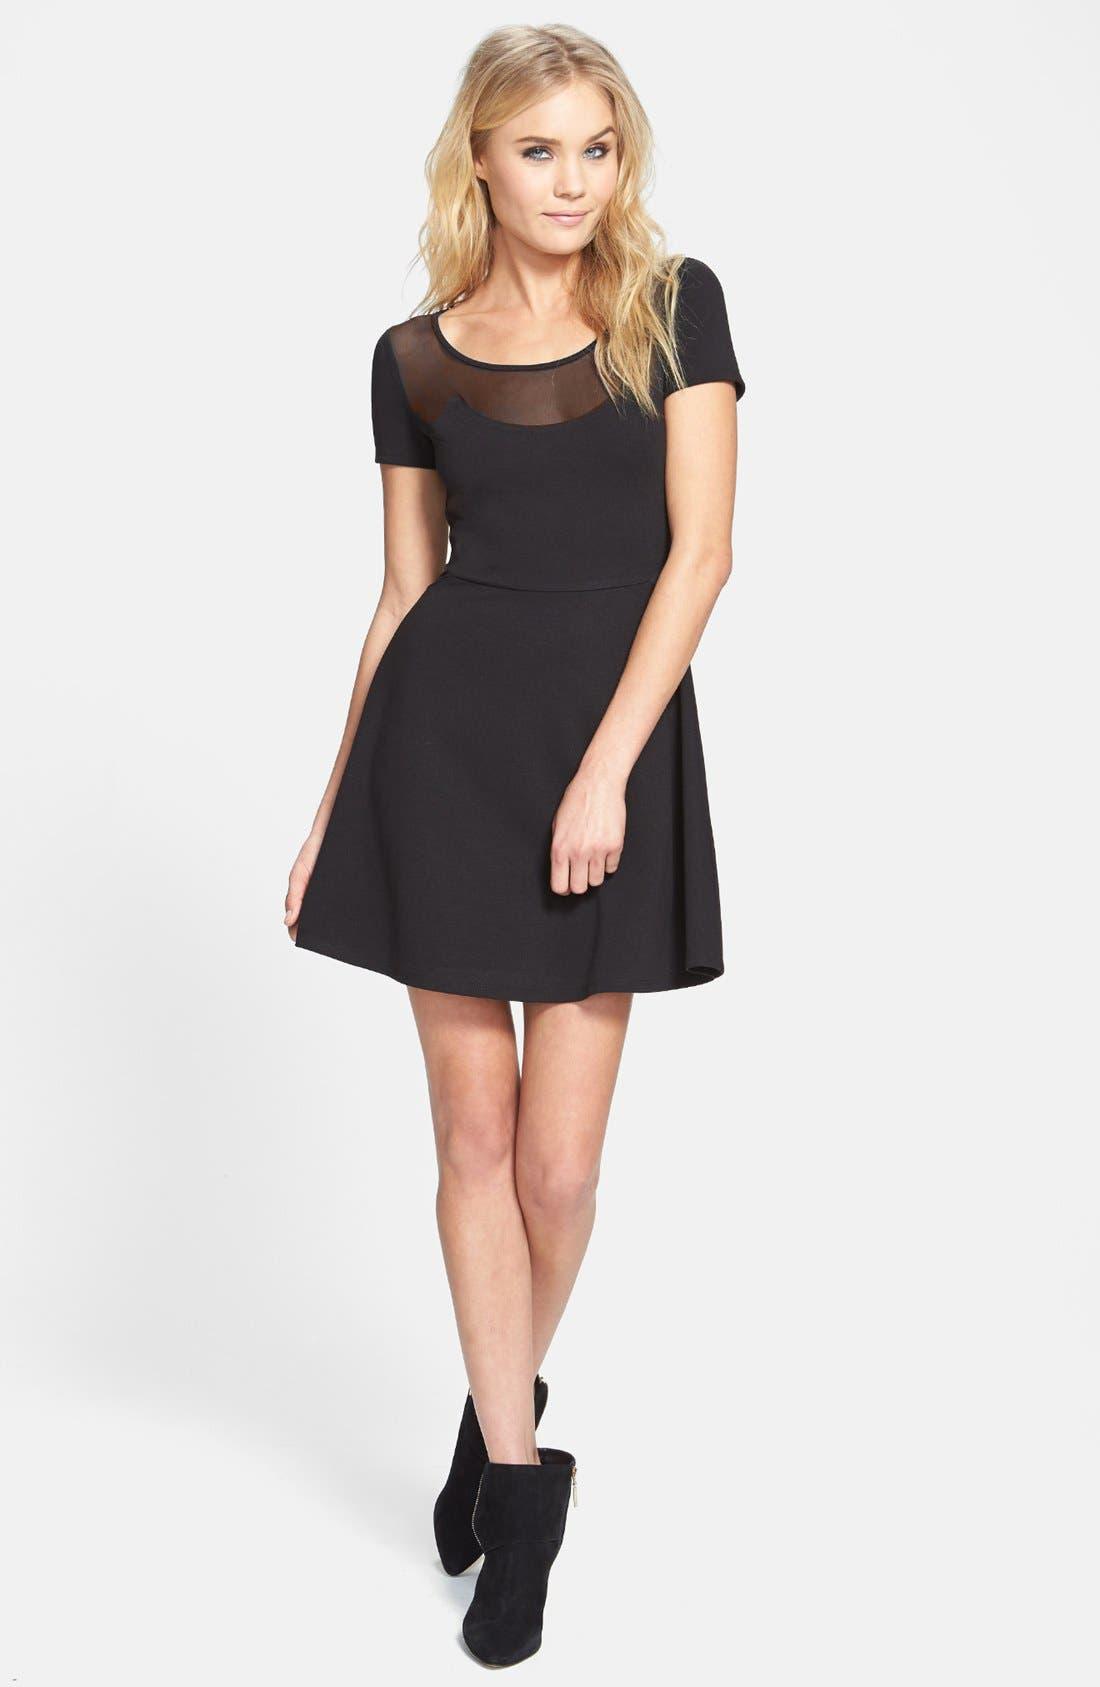 Main Image - Like Mynded Mesh Inset Skater Dress